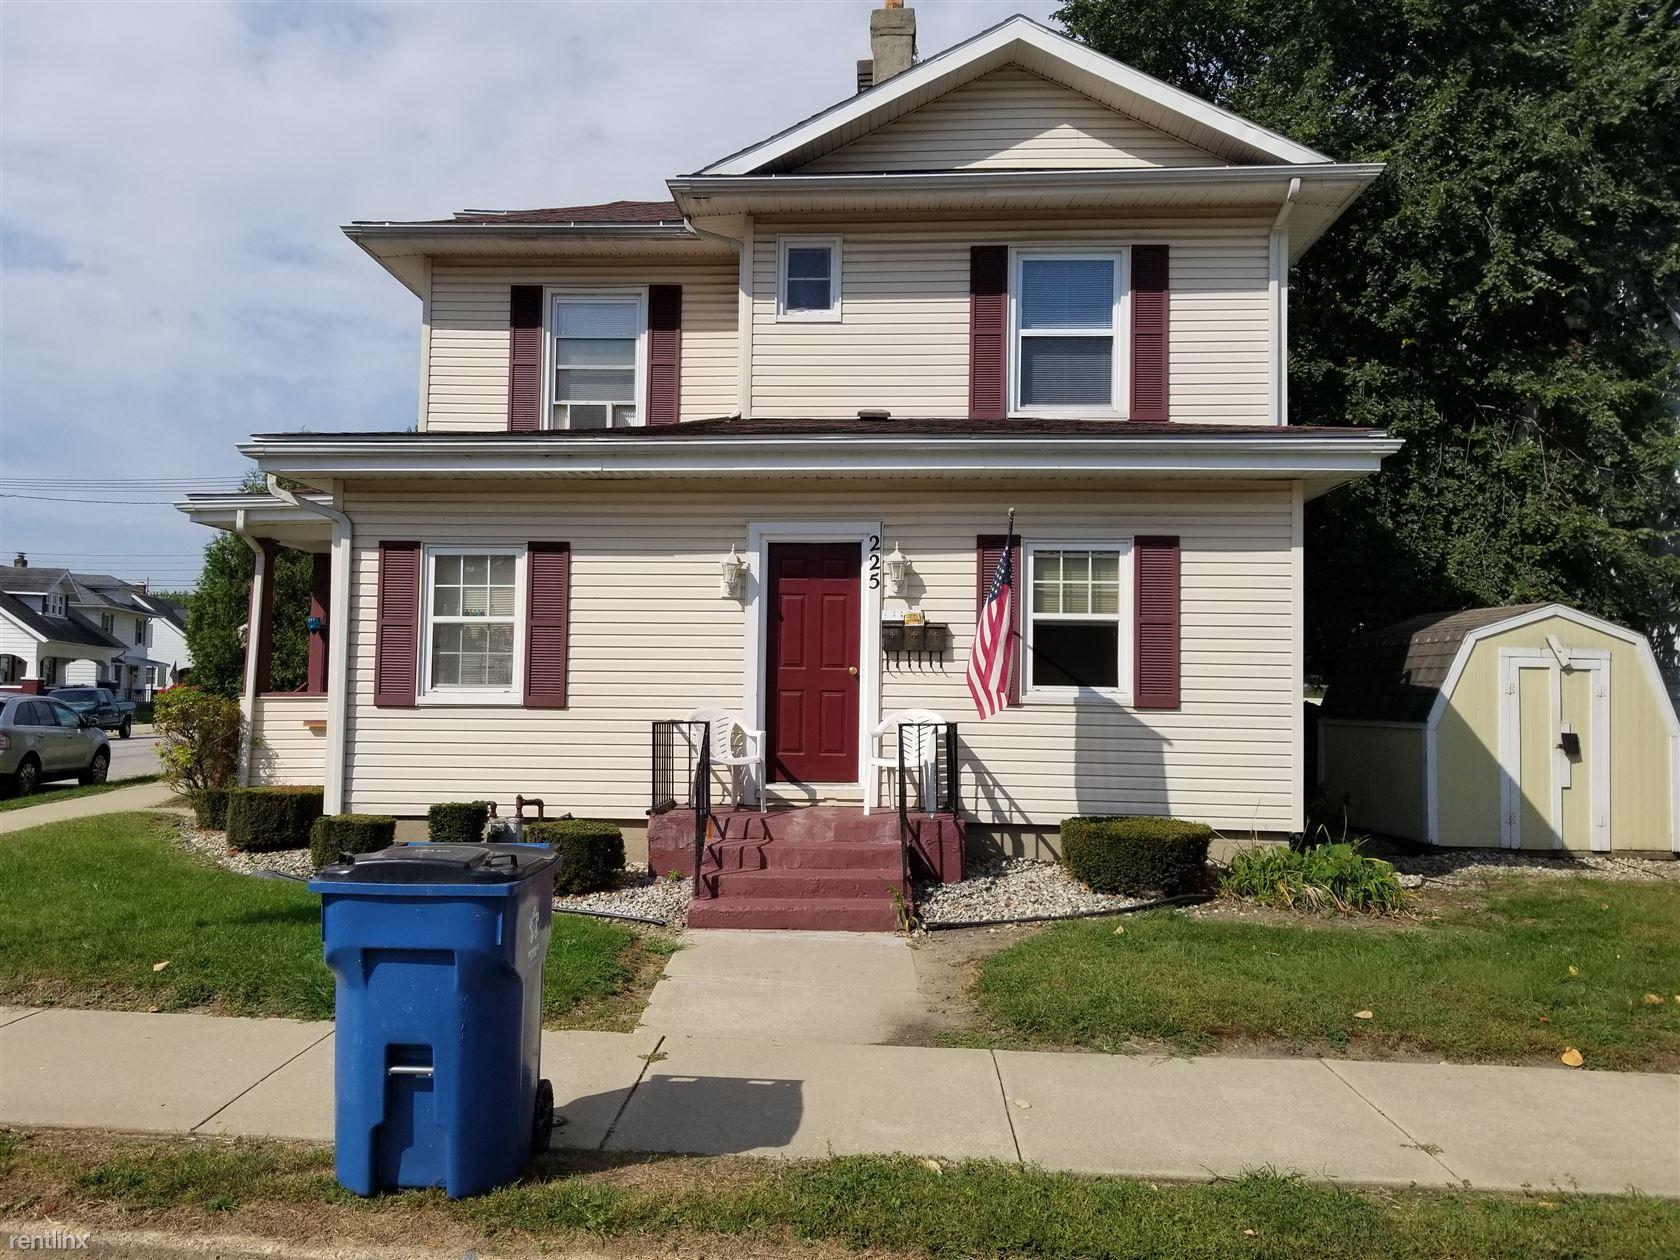 225 Cleveland St Apt 3, Mishawaka, IN - $550